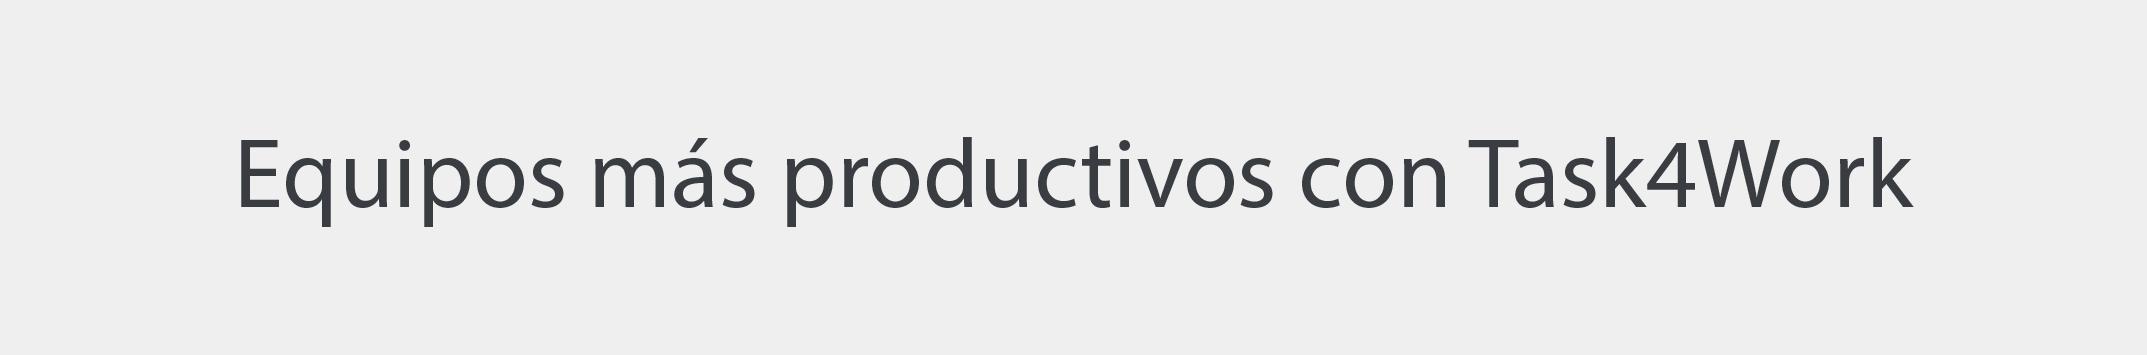 Equipos mas productivos con Task4Work